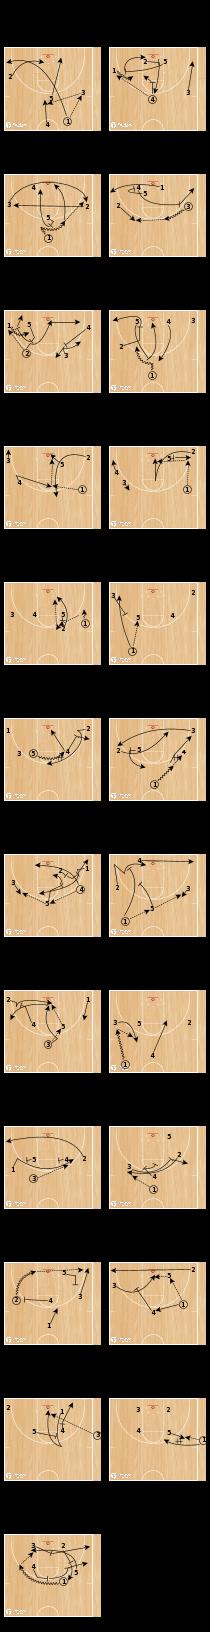 Basketball Play - San Antonio Spurs WCF Sets